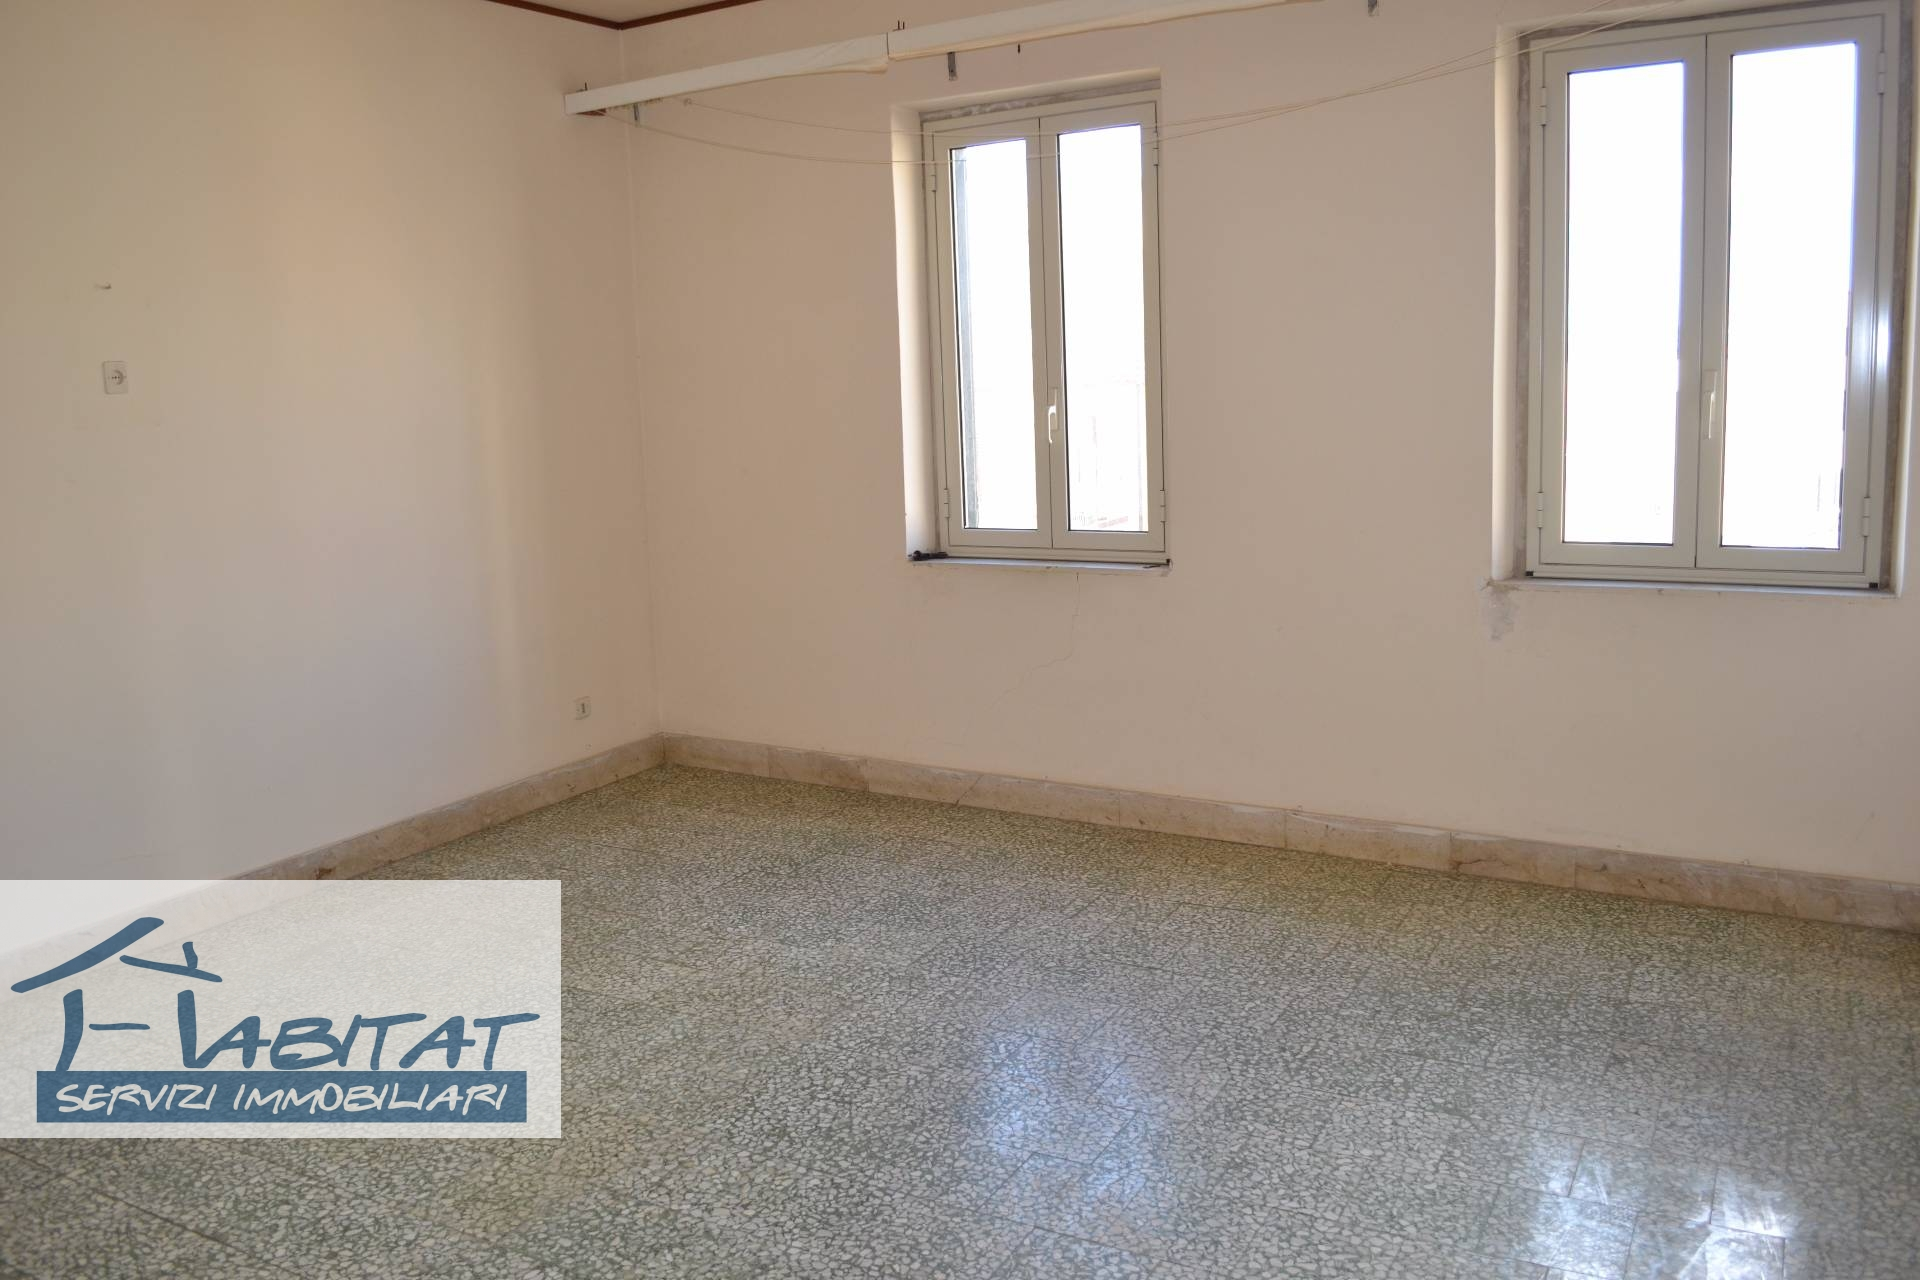 Appartamento in vendita a Agrigento, 5 locali, zona Zona: Centro, prezzo € 45.000 | CambioCasa.it